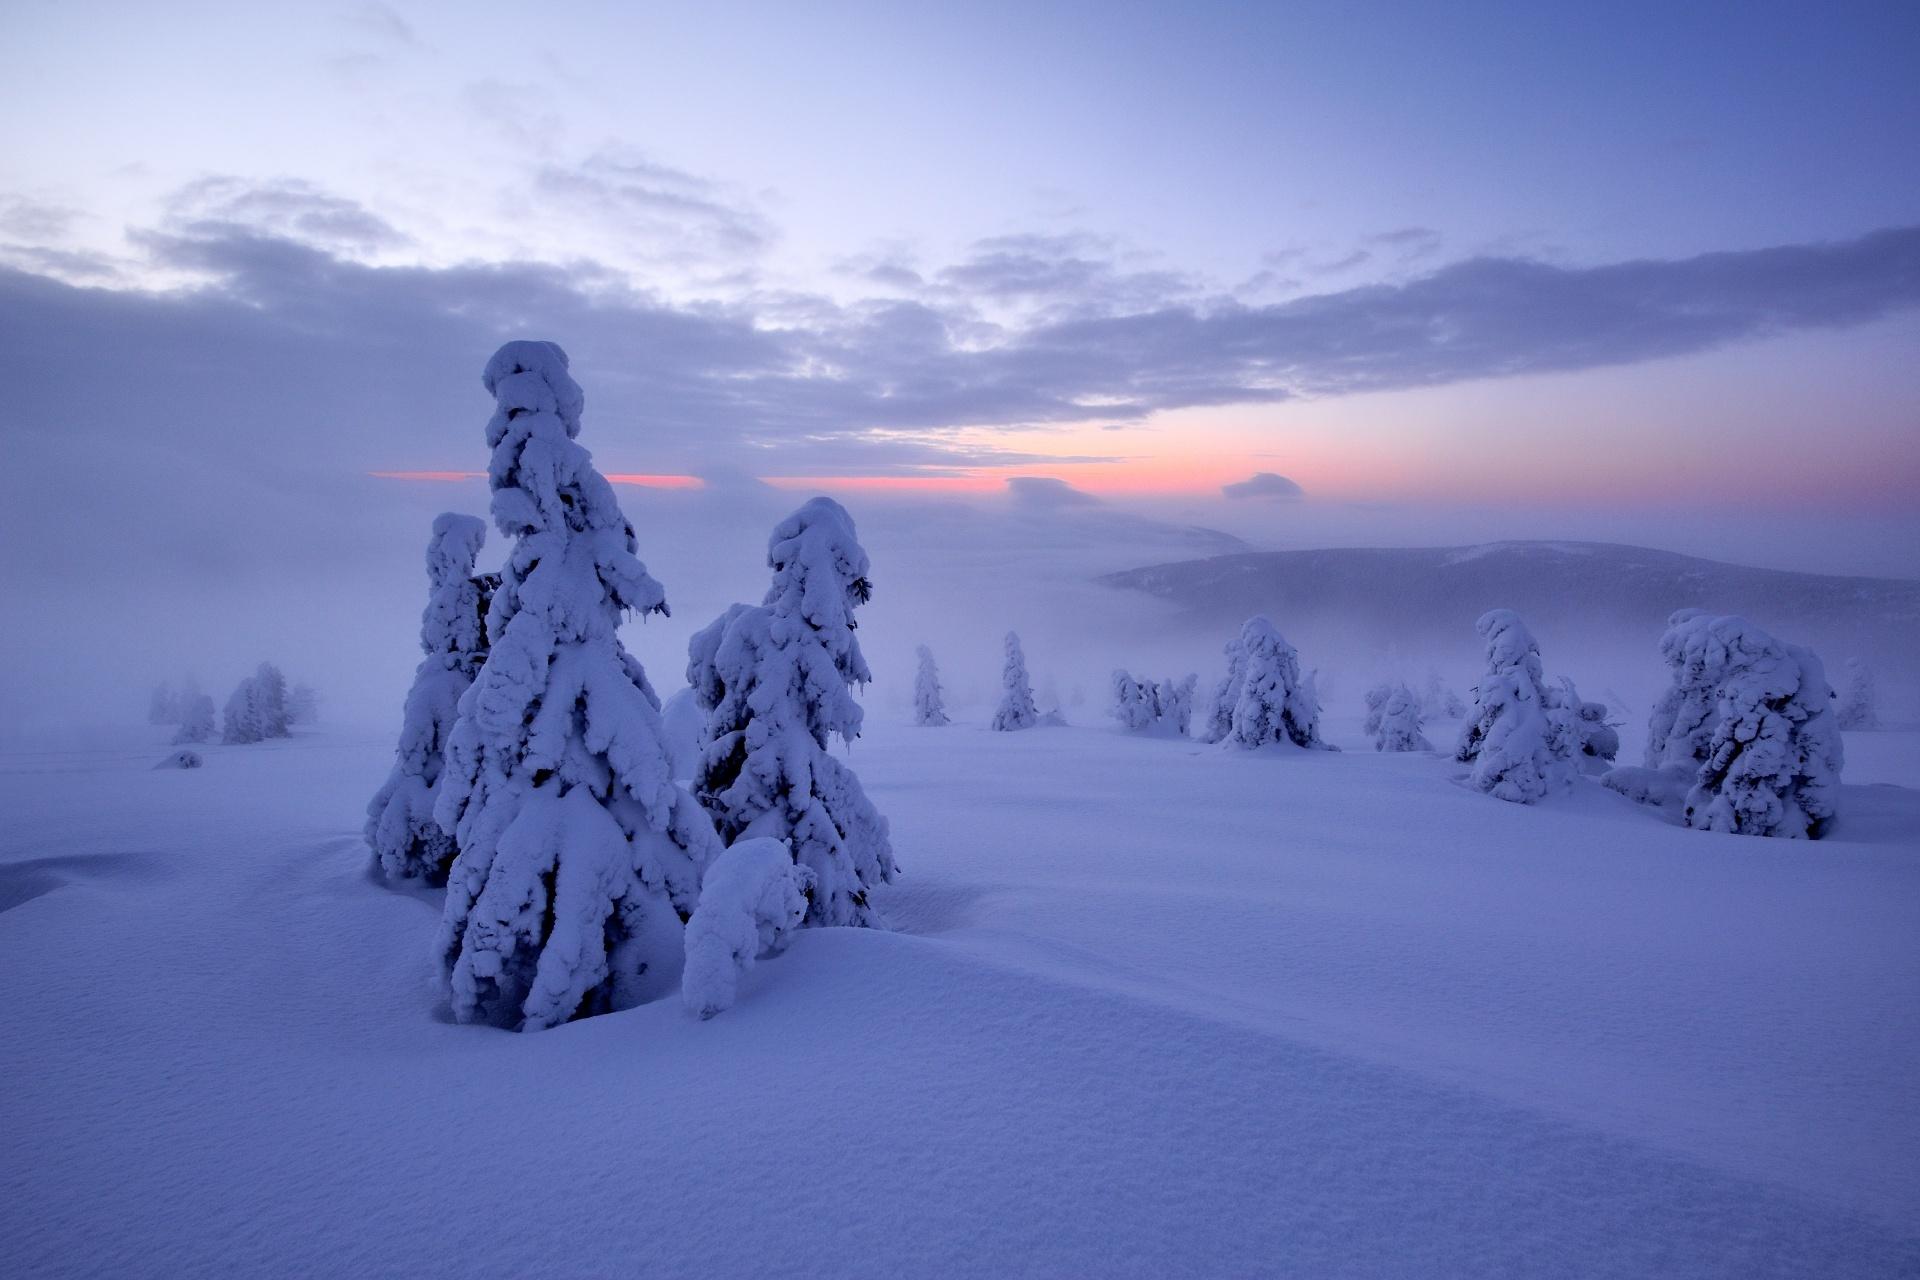 夜明けのクルコノシェ山脈 チェコの風景